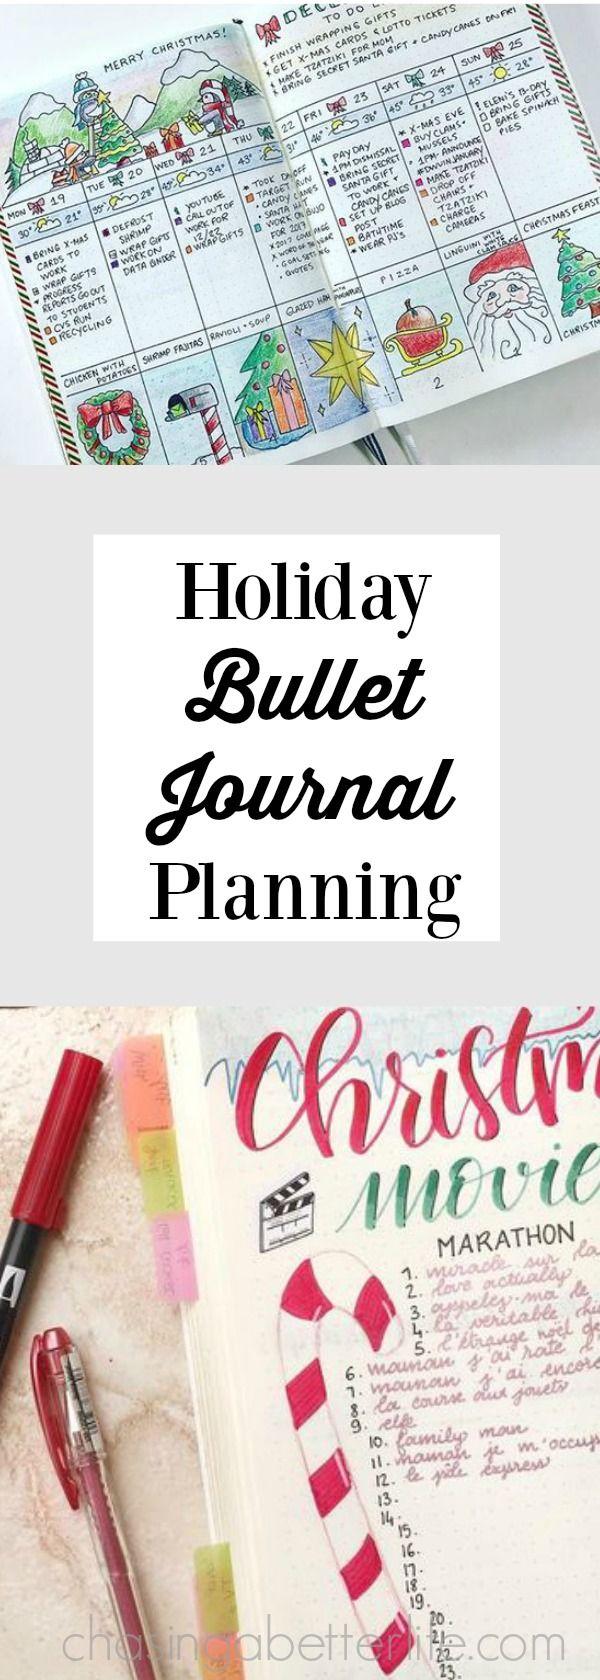 102 besten bu jo Bilder auf Pinterest | Bullet journal, Achtsamkeit ...